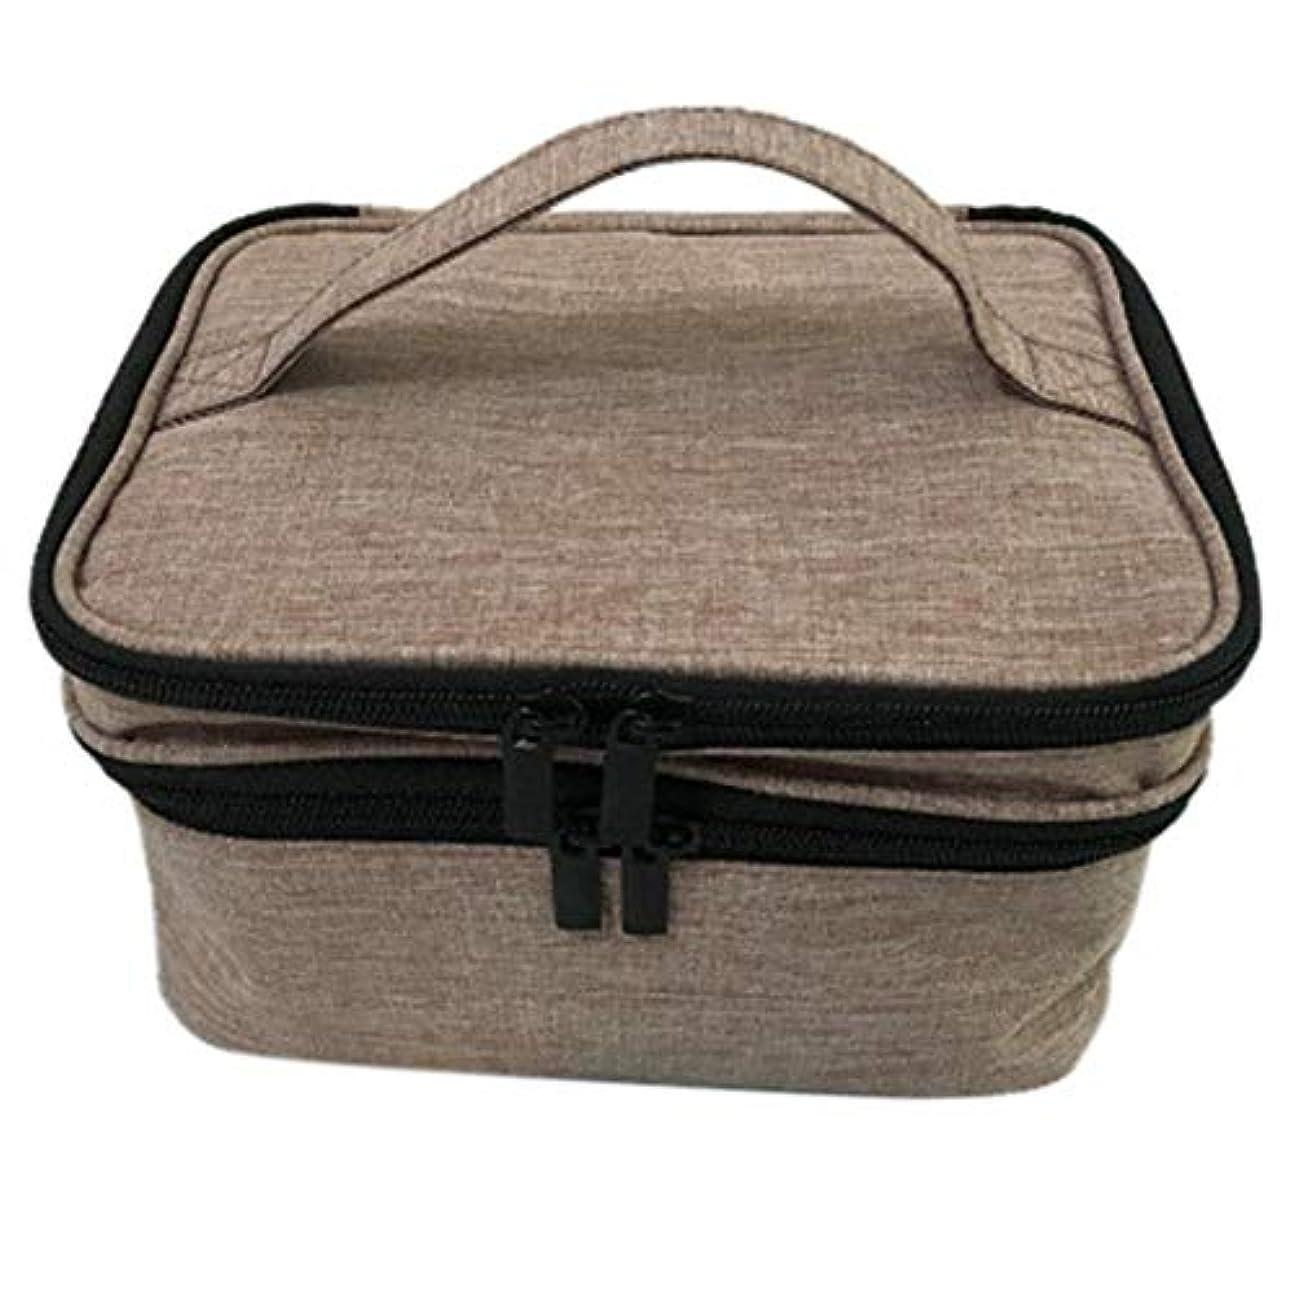 狂人準備スピン収納バッグ 30格 仕切り エッセンシャルオイル 精油 保管袋 収納ボックス 収納ケース 精油ケース 香水収納バッグ 不織布 携帯便利 耐震 30本用 (5ml~30ml)